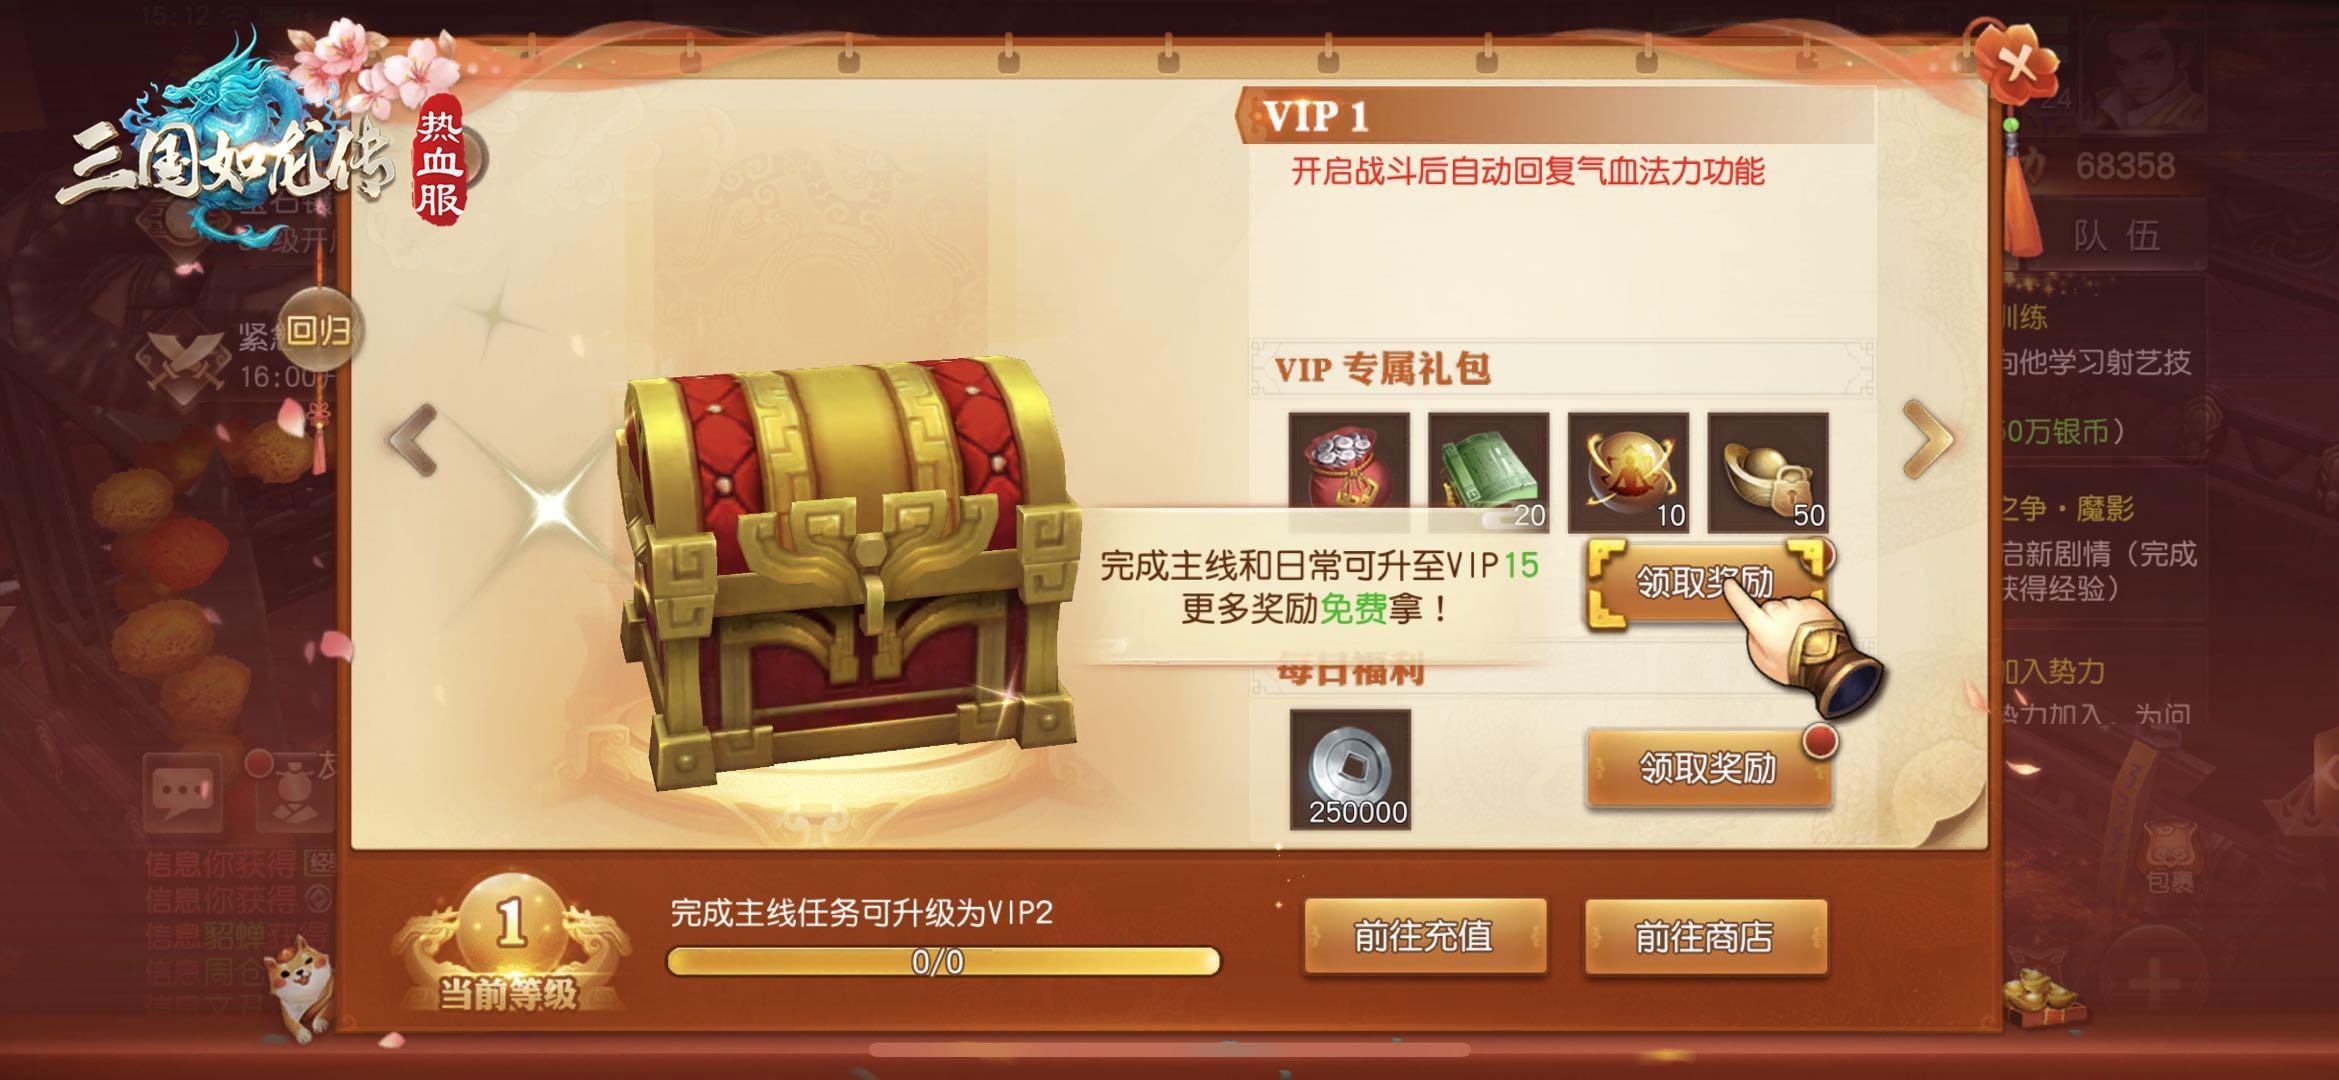 """三国如龙传热血新服""""钟鸣鼎食""""开启,VIP15免费领取!!!"""